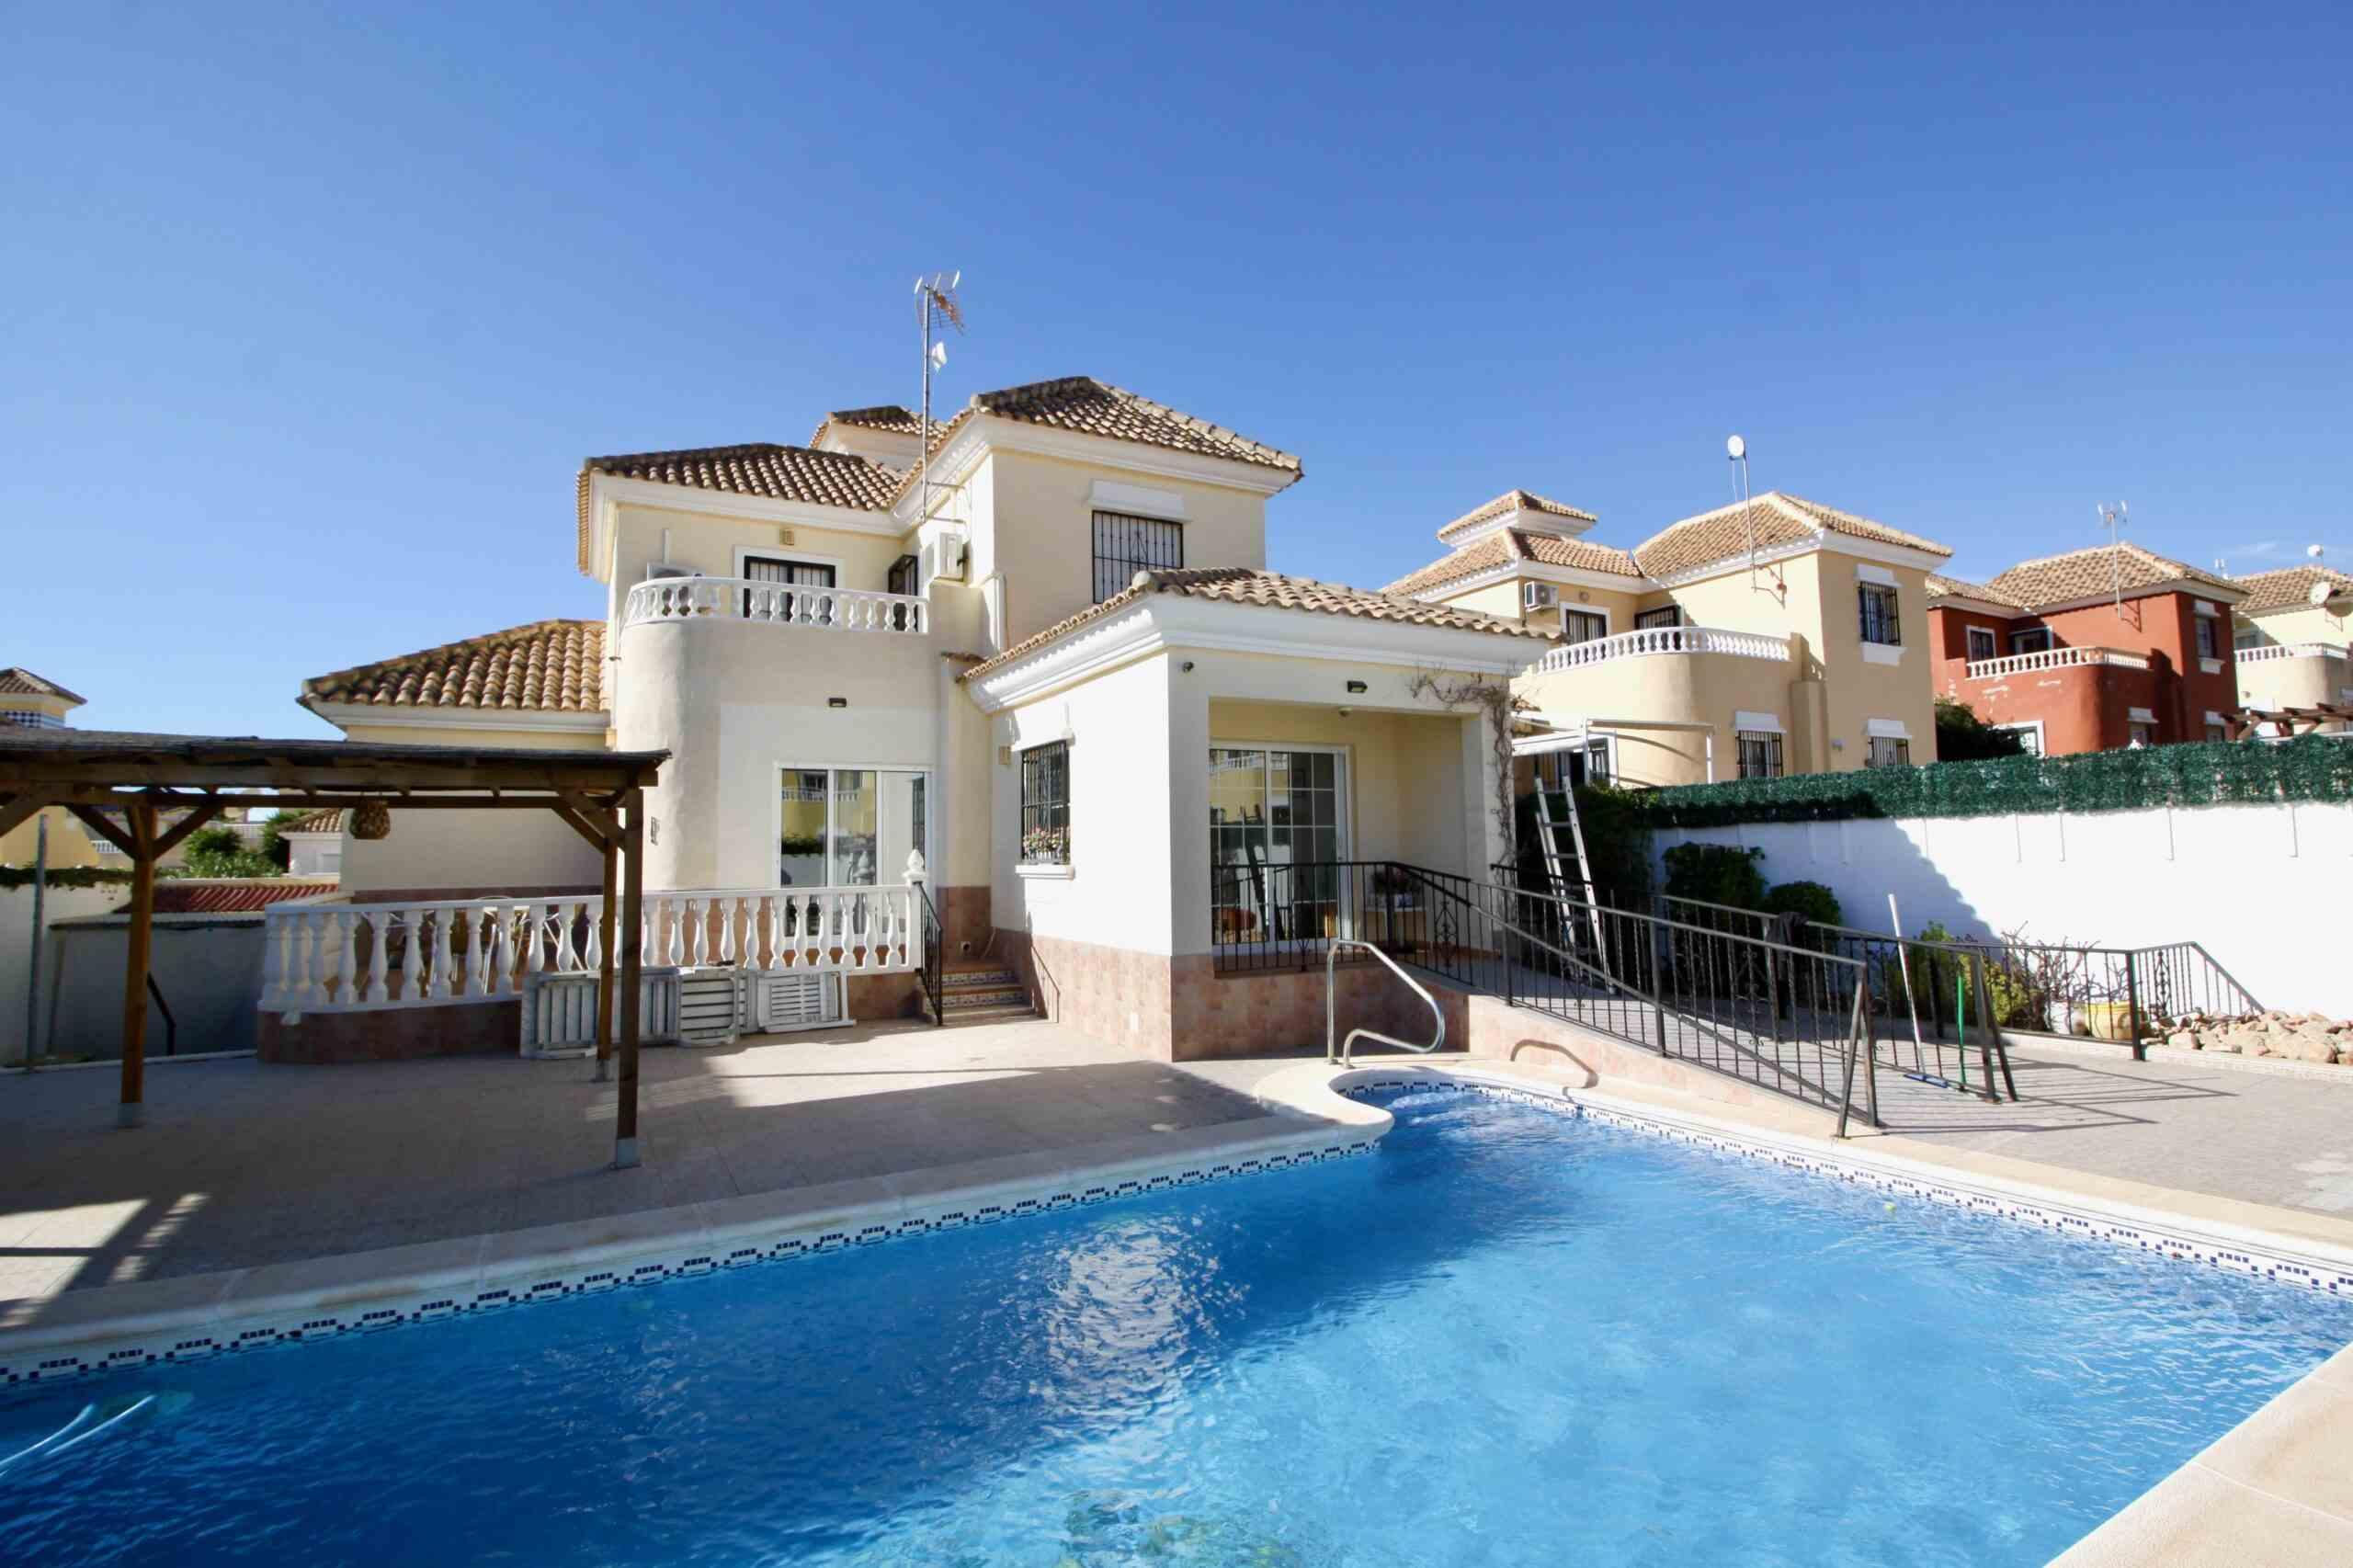 4 bedroom house / villa for sale in Pinar De Campoverde, Costa Blanca